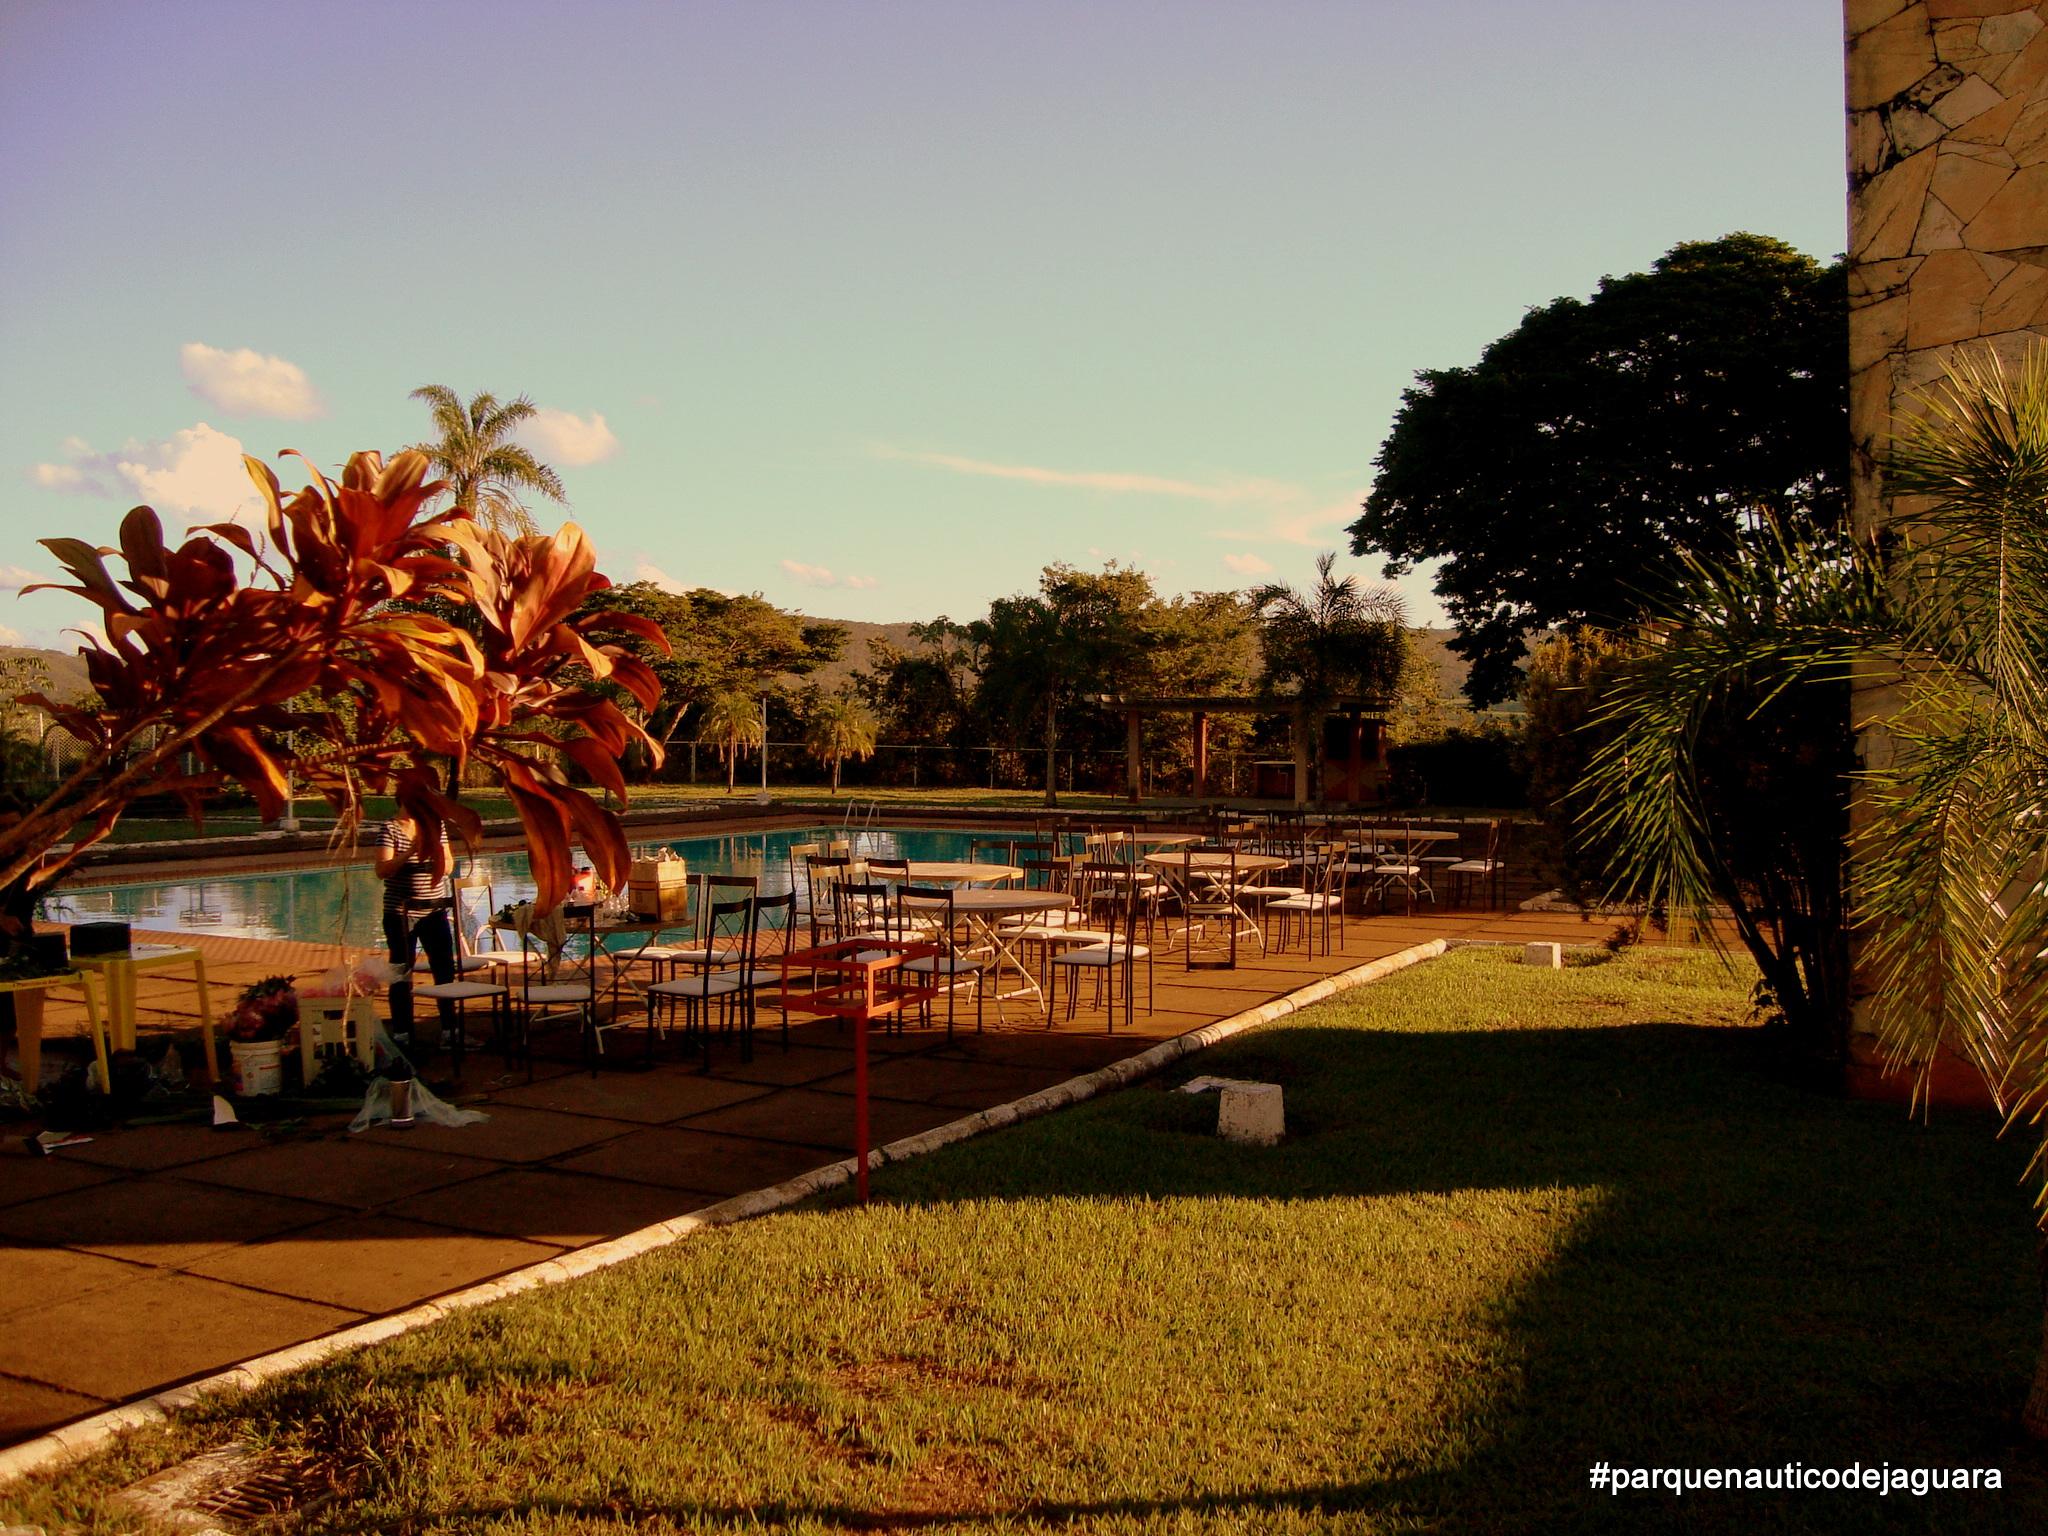 Área entorno da piscina